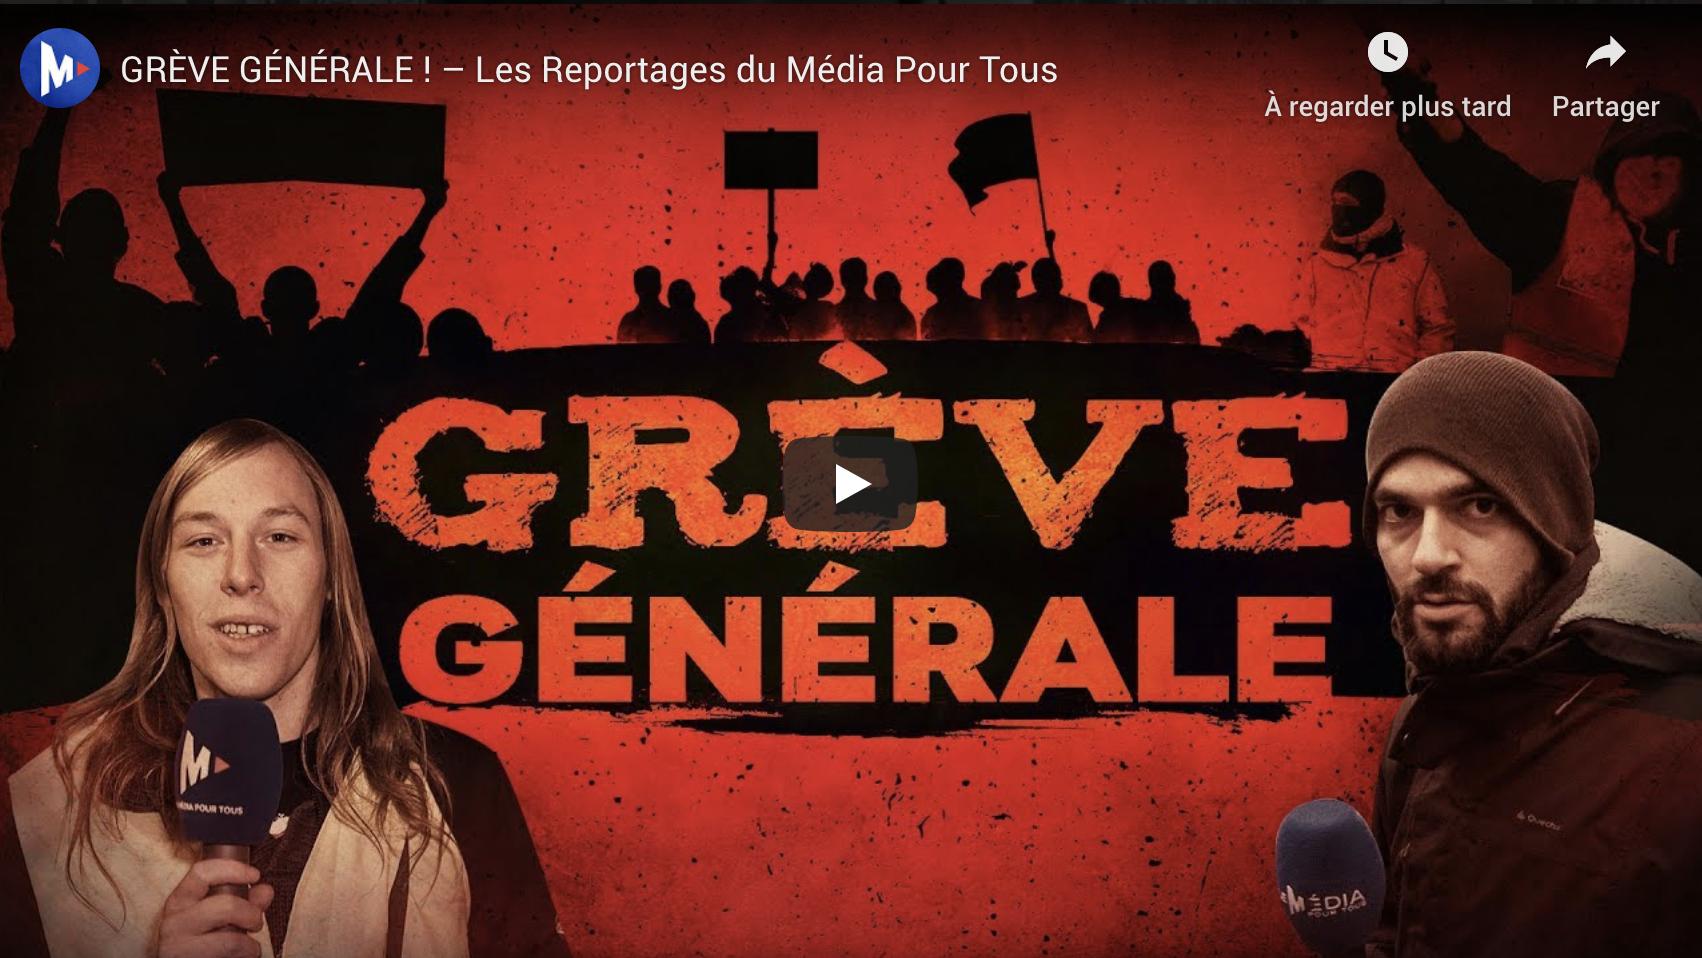 Grève générale ! (Les Reportages du Média Pour Tous) + l'agression de Vincent Lapierre par des syndicalistes extrémistes